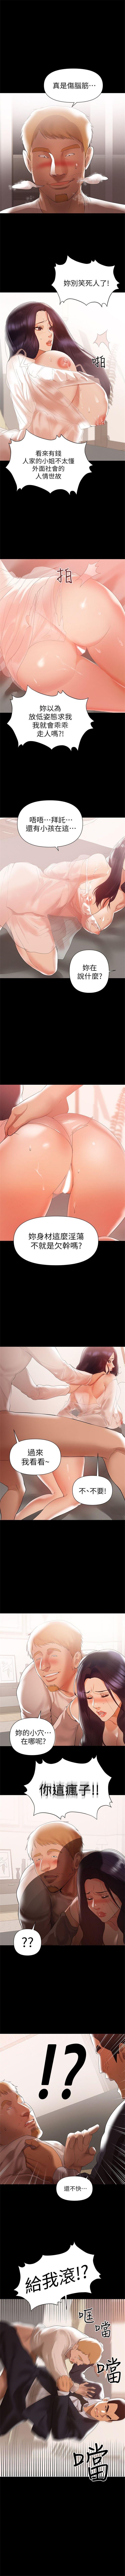 (週6)兼職奶媽 1-31 中文翻譯 (更新中) 35